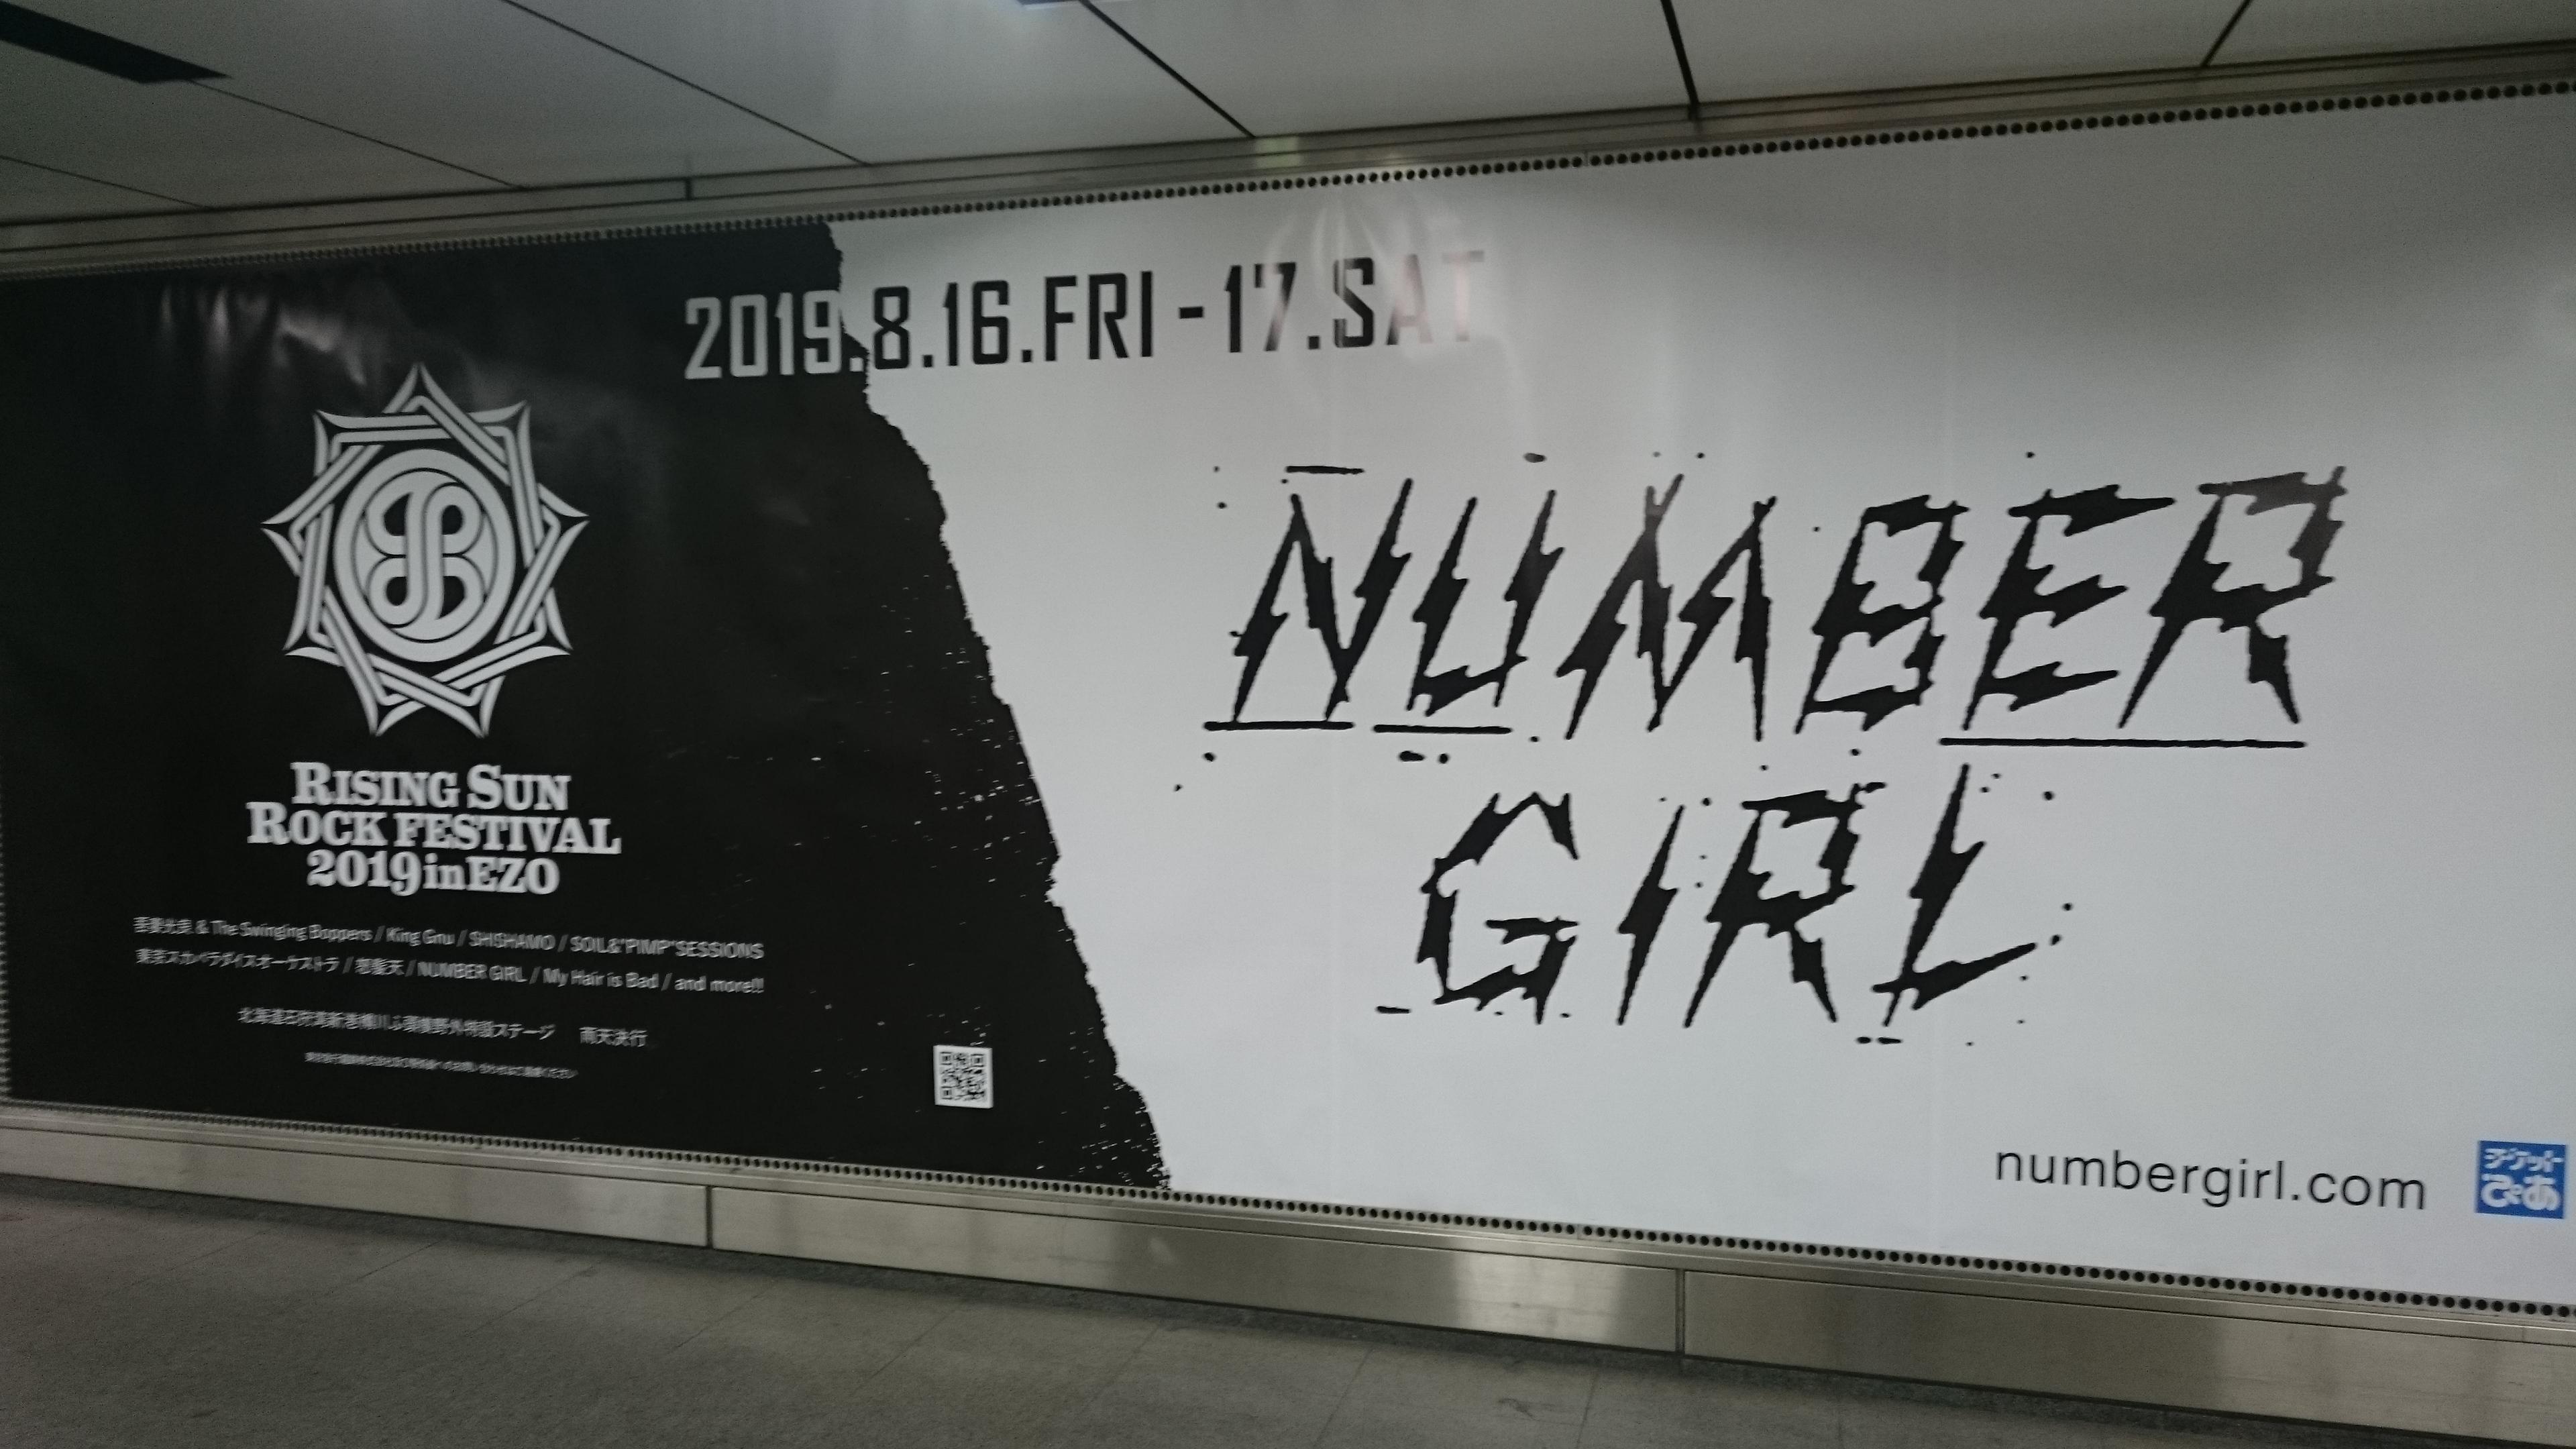 再結成したNUMBER GIRLのライブチケットが取れない理由が分かった件